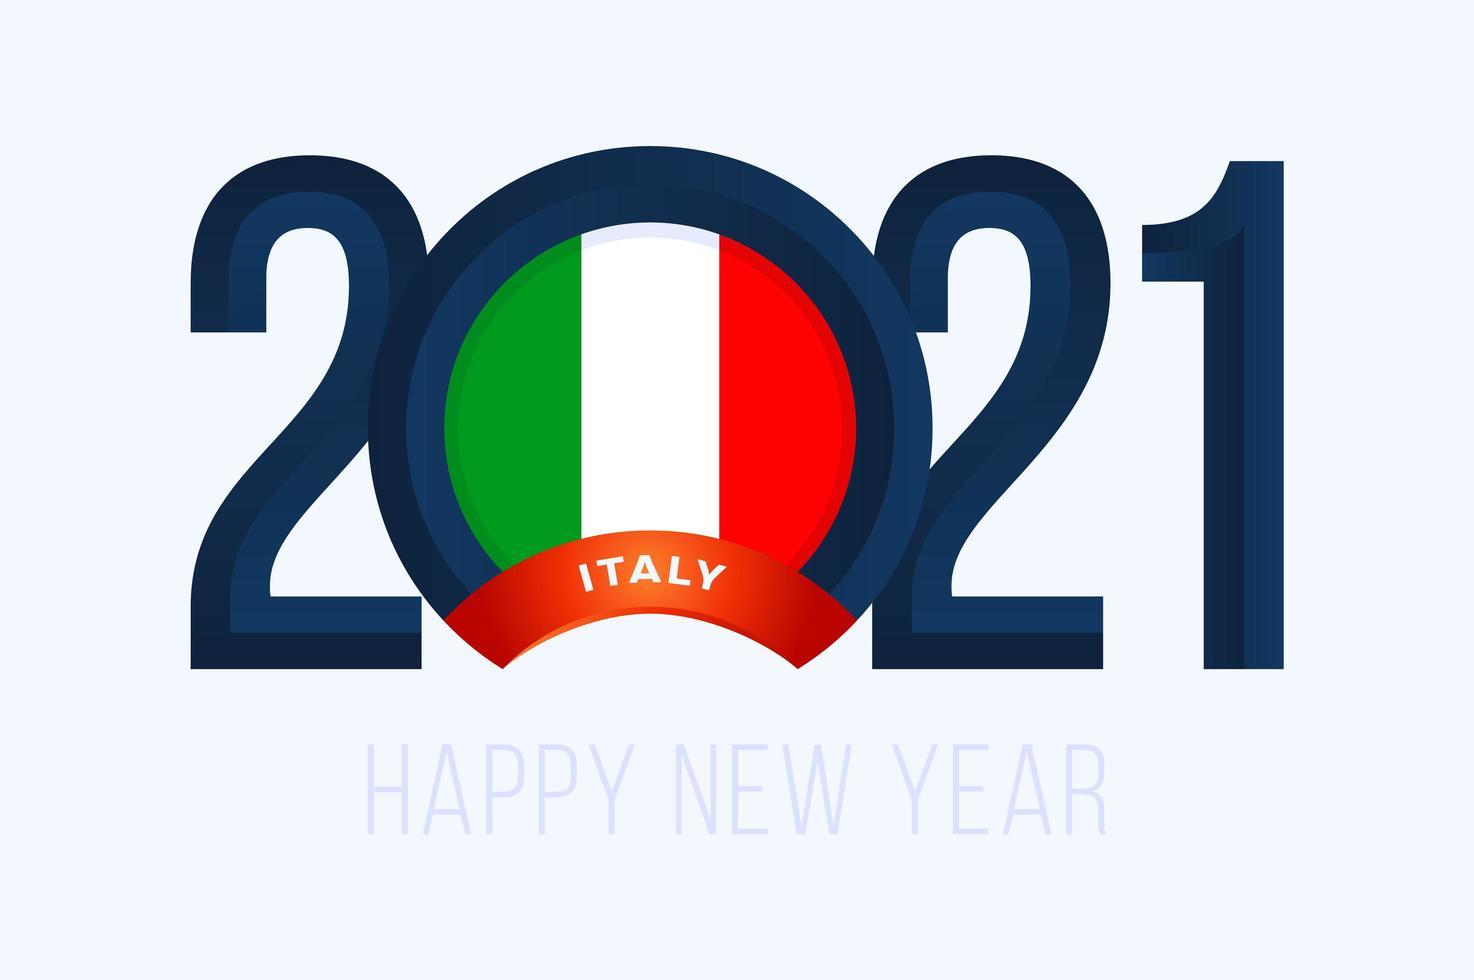 typographie du nouvel an 2021 avec drapeau italie vecteur